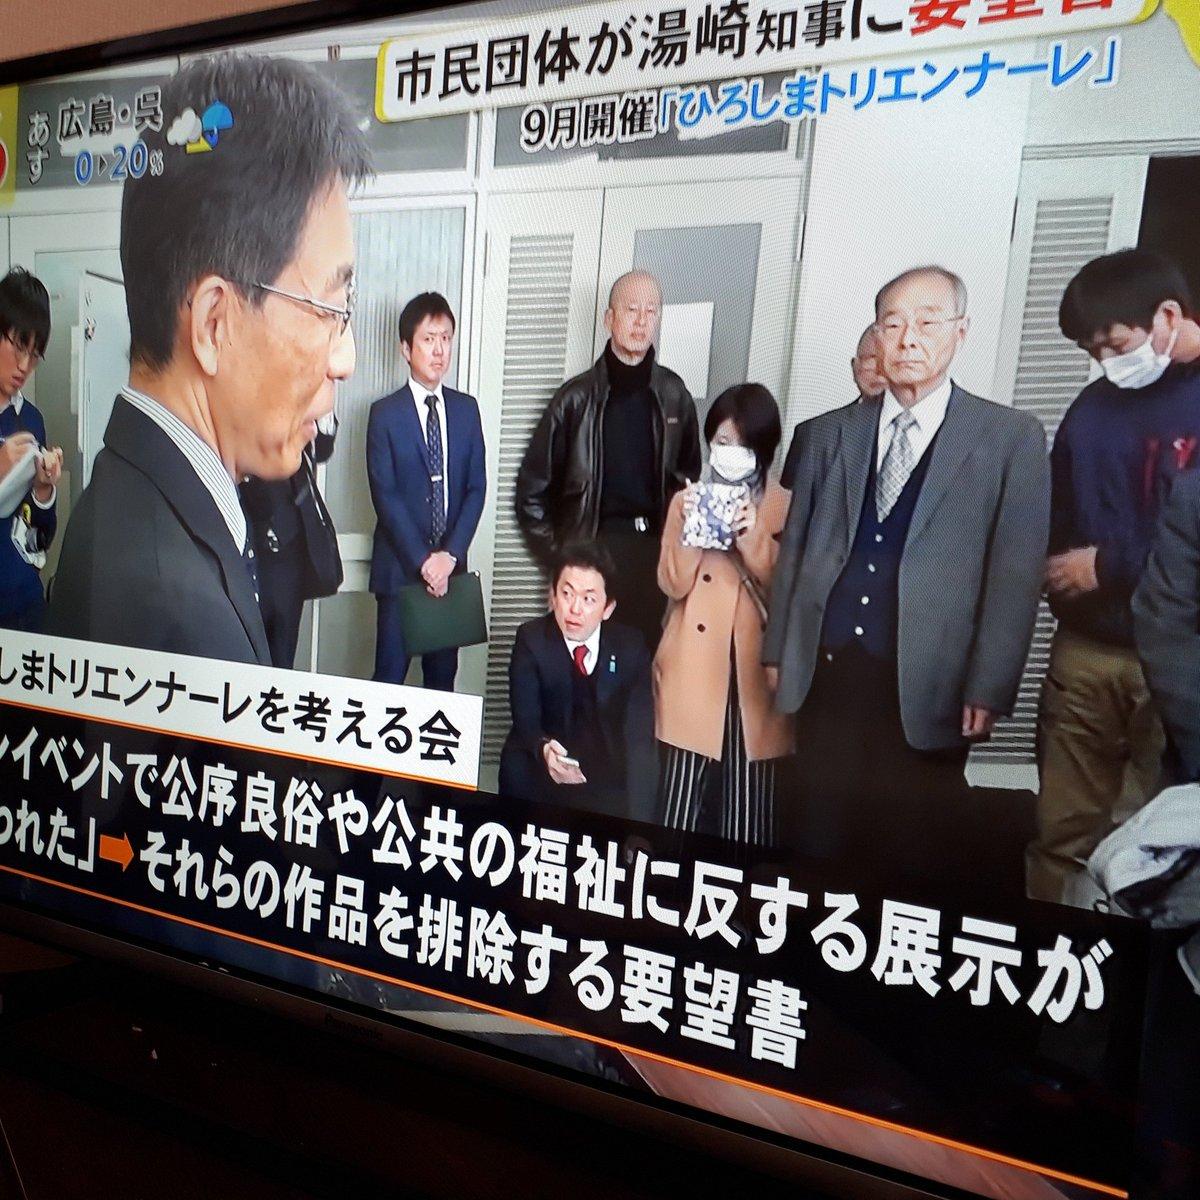 「#ひろしまトリエンナーレを考える会」による、#湯崎英彦 県知事への要望書提出が、地元局・ #中国放送(#RCC)のニュースになりました。#ひろしまトリエンナーレ #あいちトリエンナーレ #反日プロパガンダ